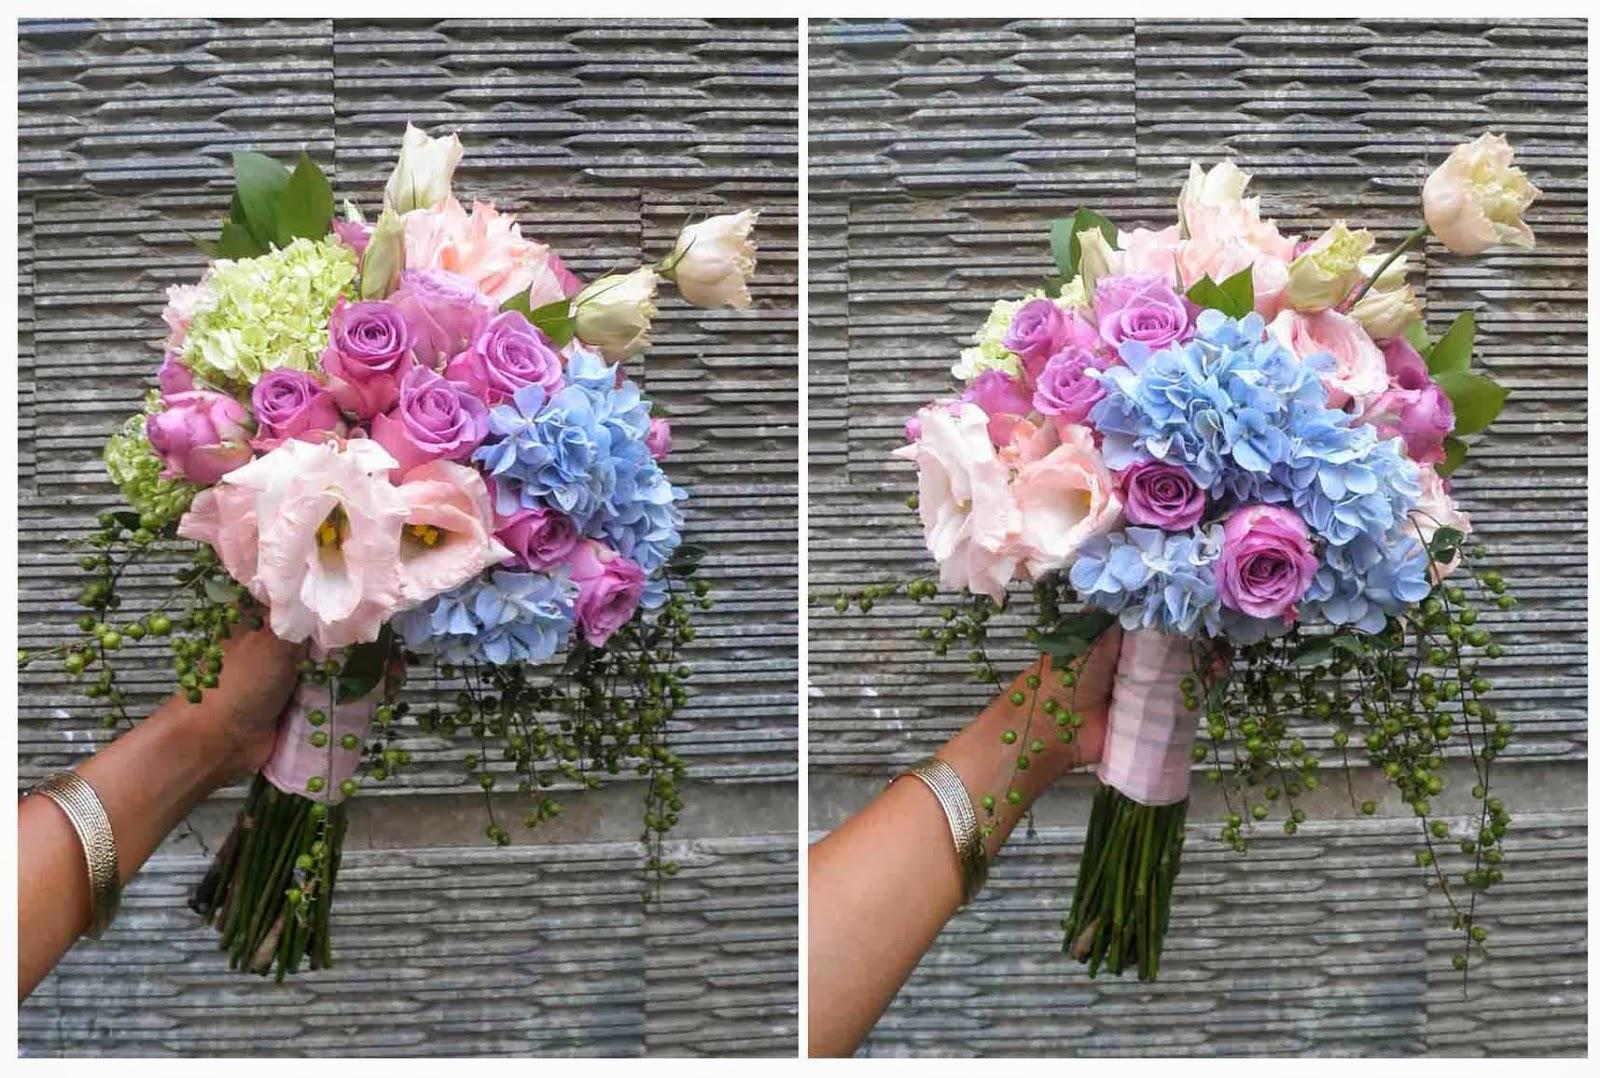 bouquet-purple roses, pink roses, lisianthus, blue hydrangeas, green hydrangeas, green dew drop